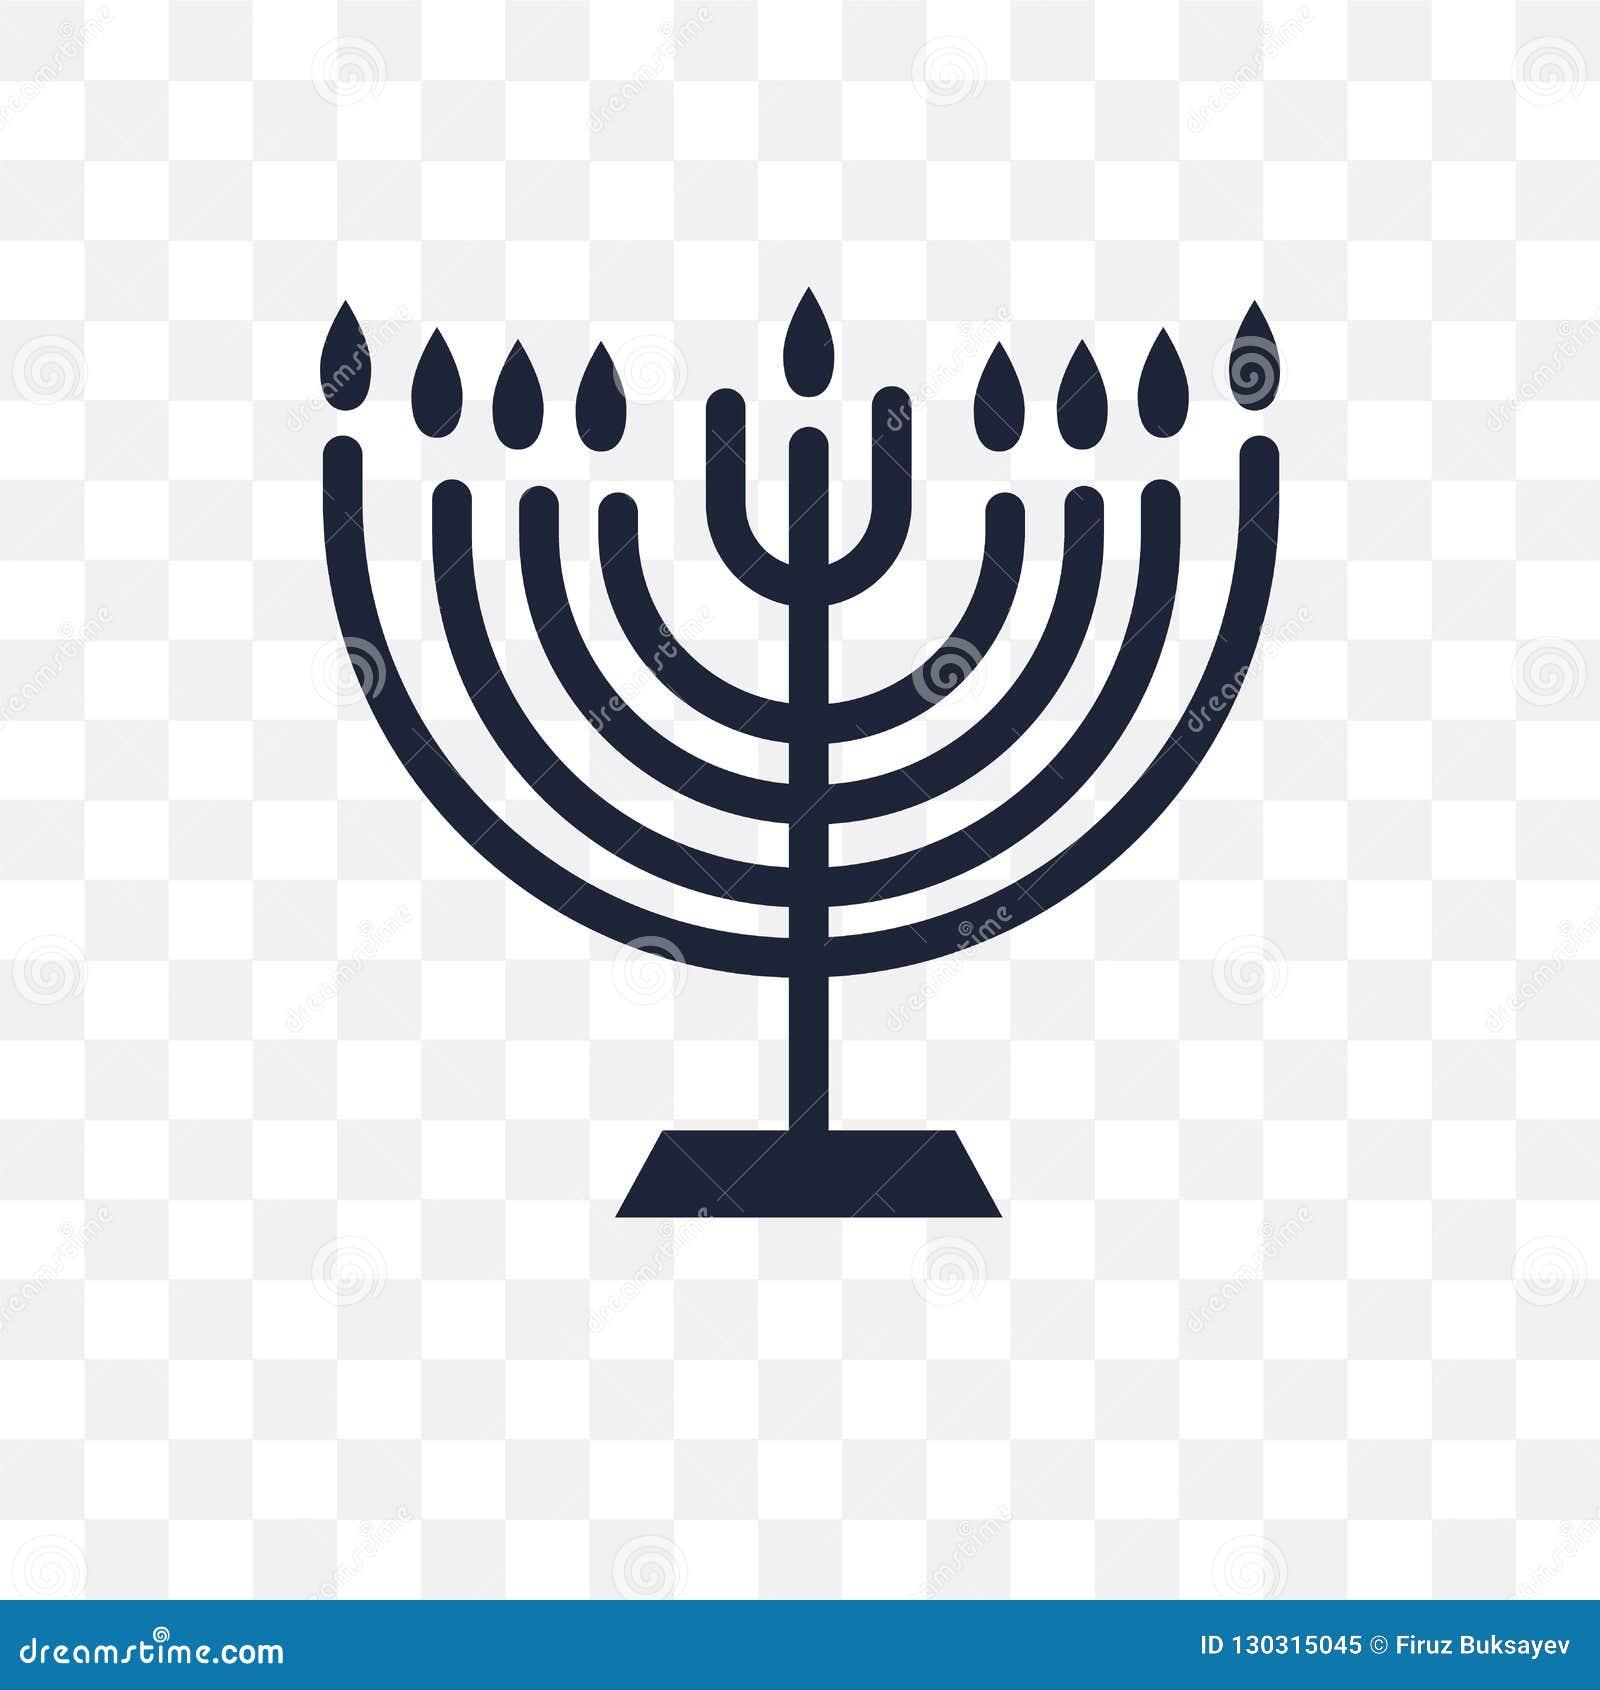 Menorah transparent icon. Menorah symbol design from Religion co